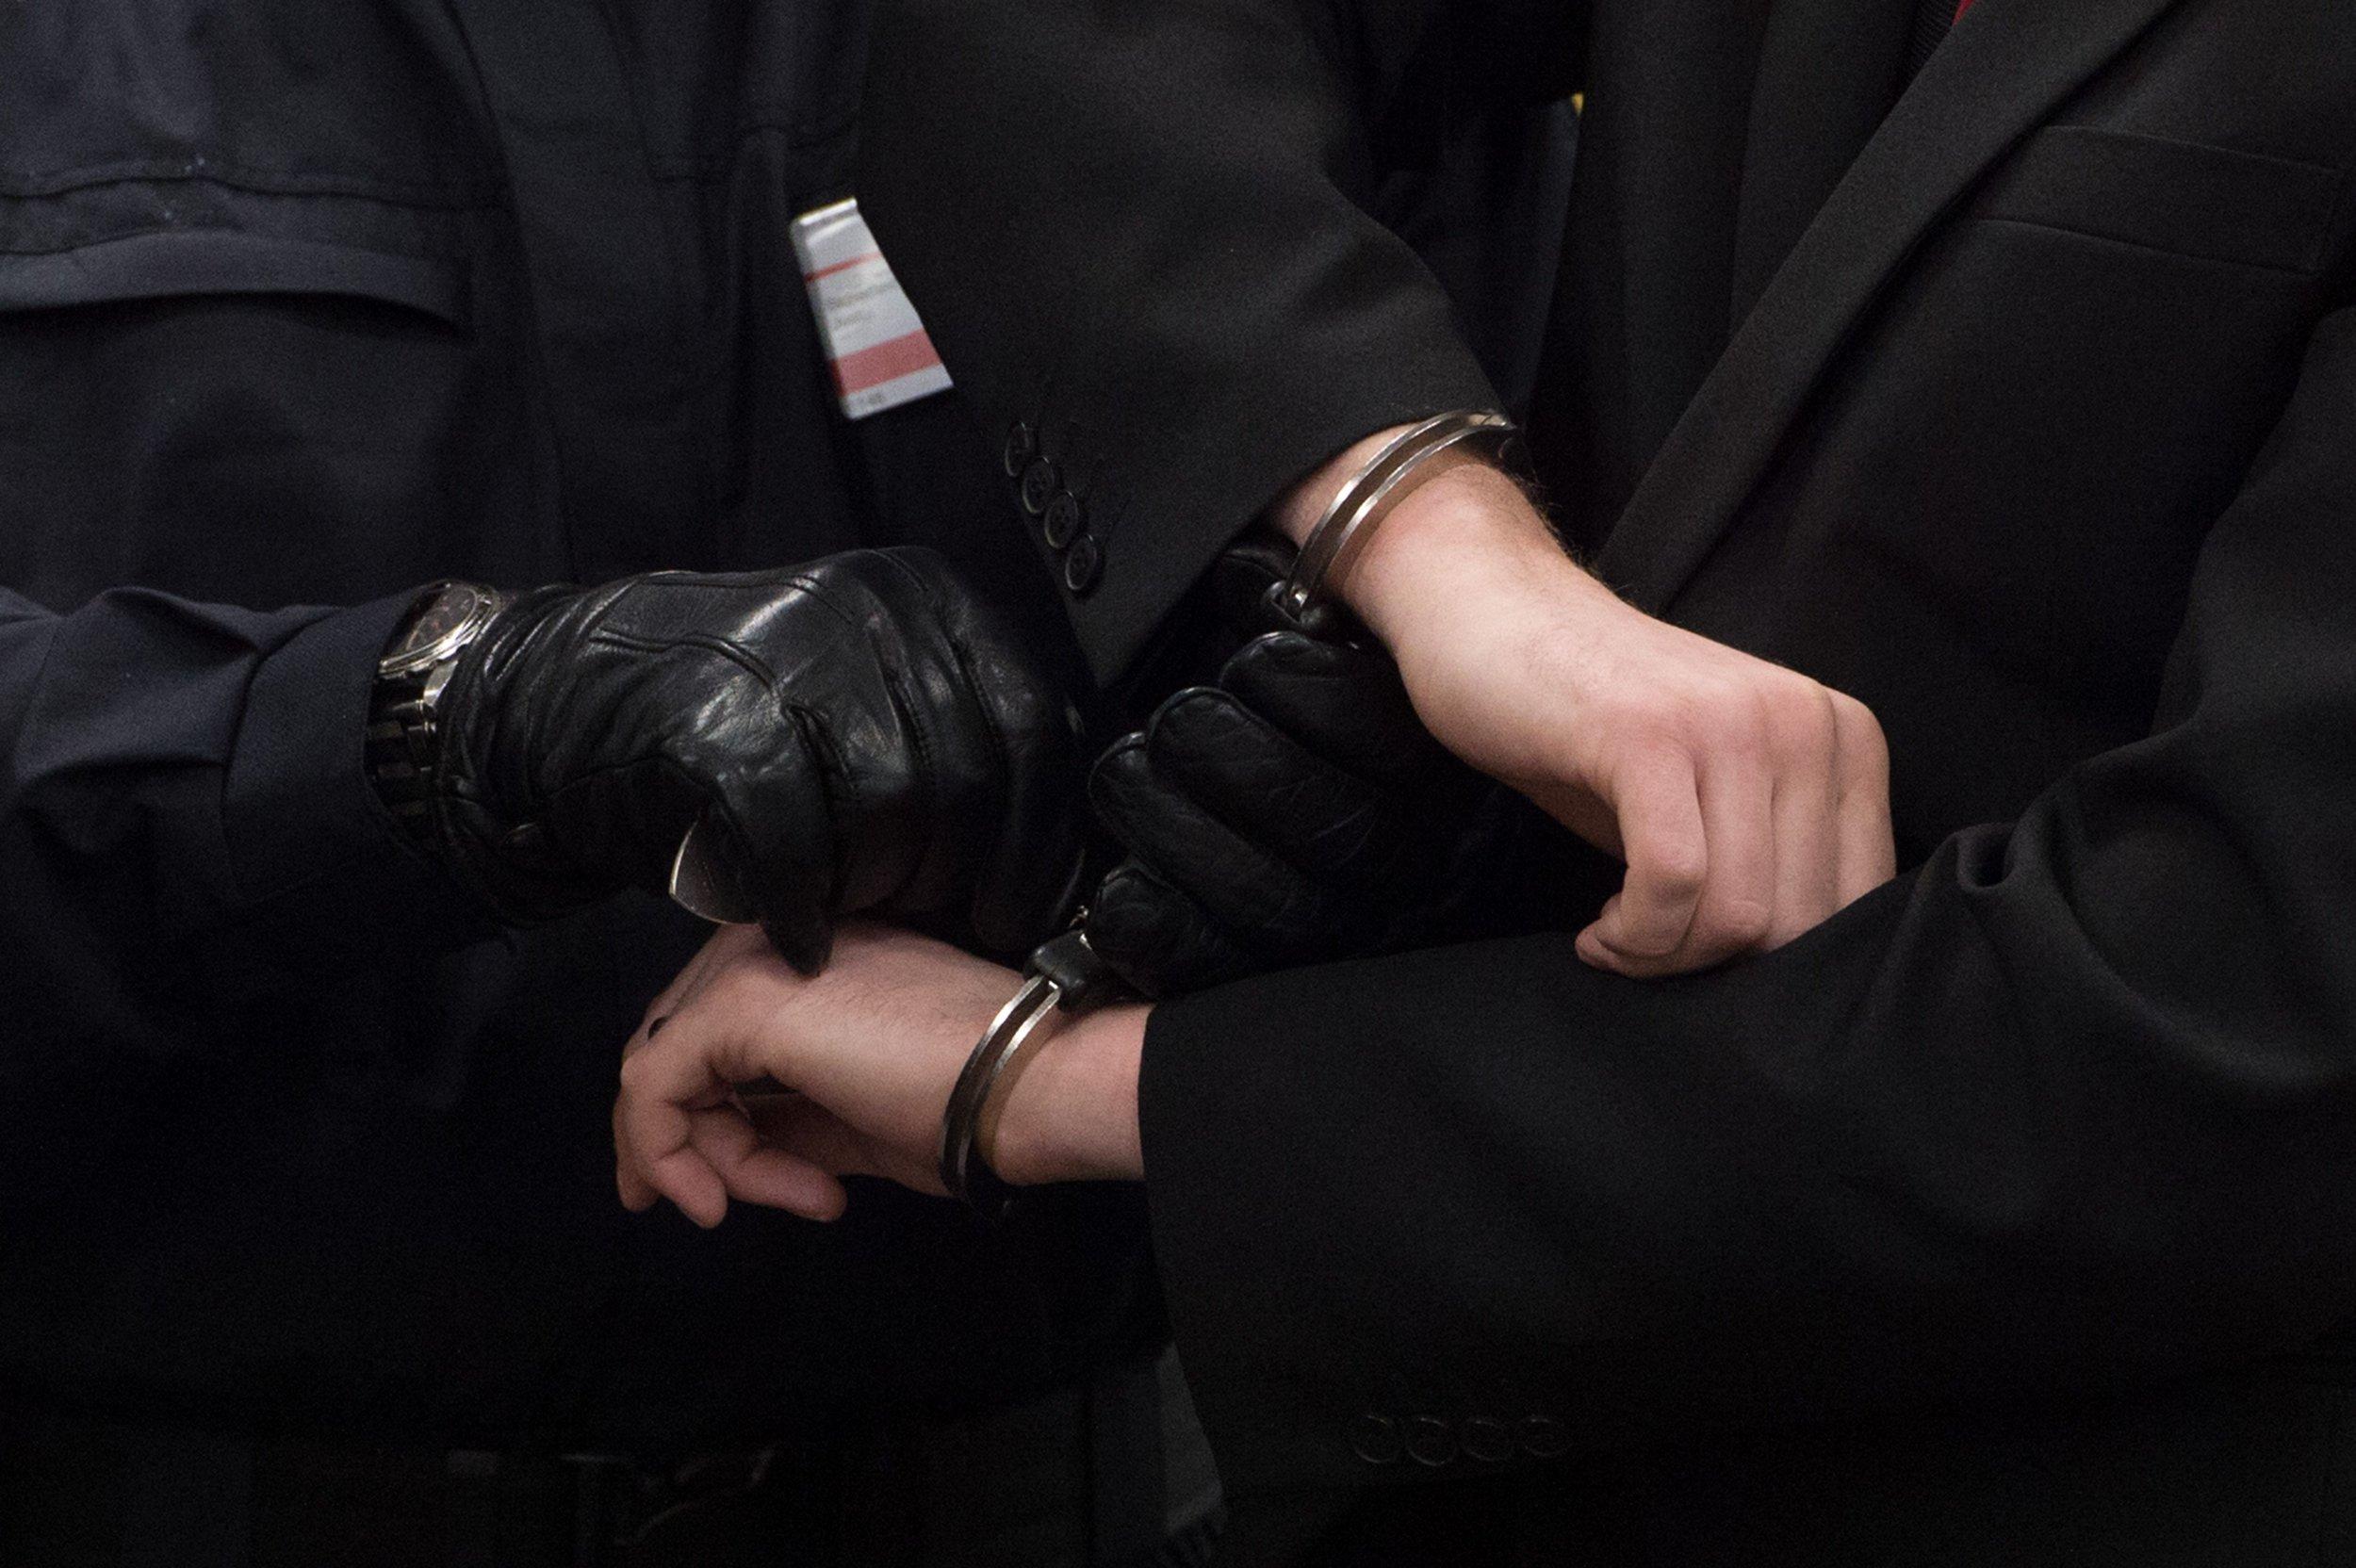 1_6_handcuffs